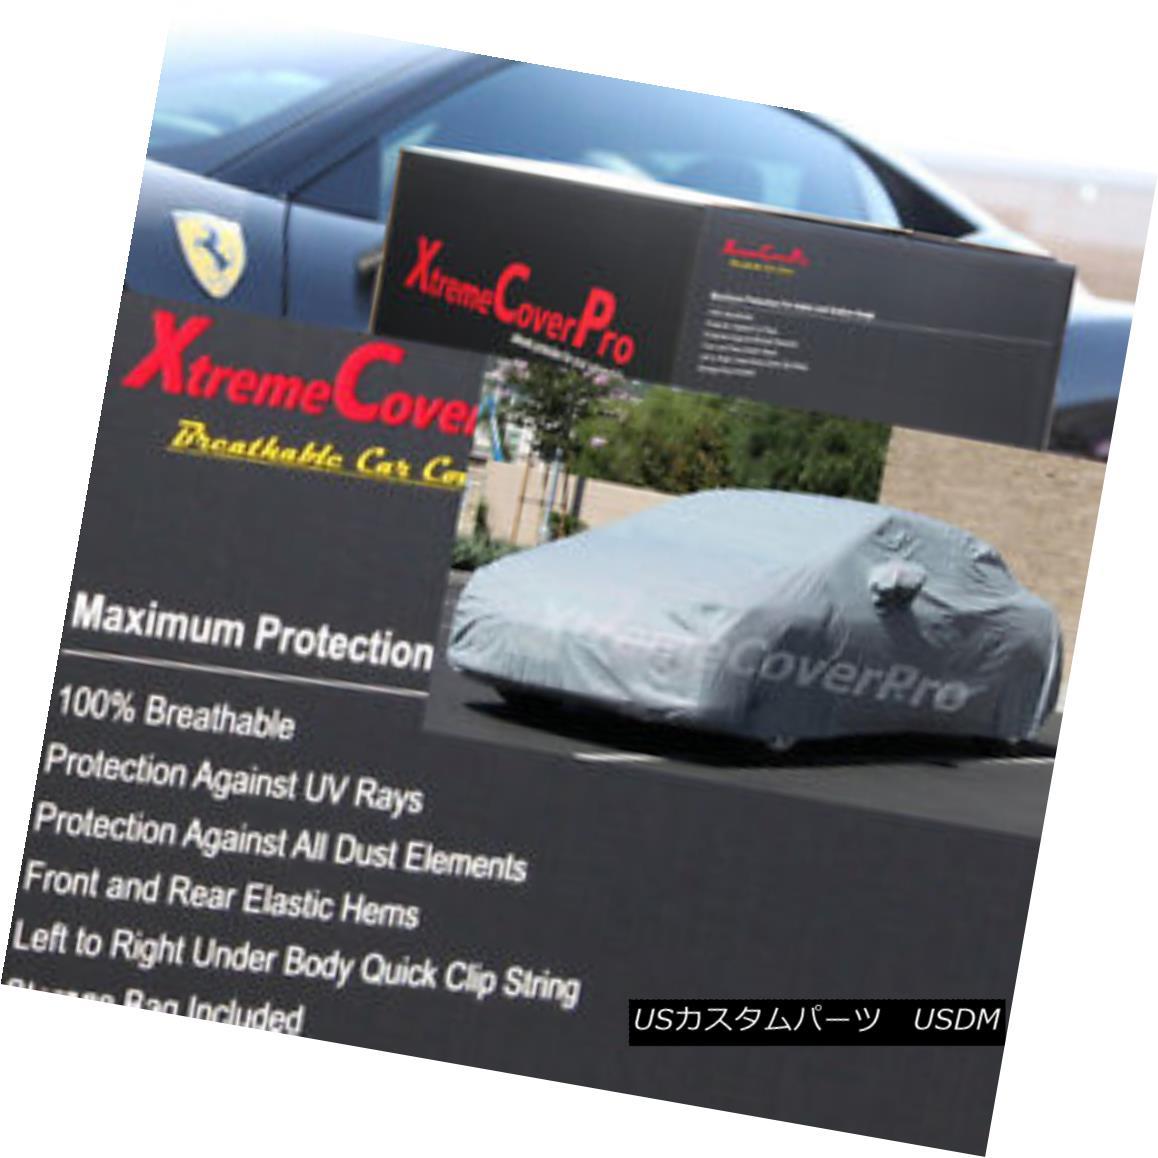 カーカバー 2001 2002 2003 Volvo S60 Breathable Car Cover w/MirrorPocket 2001 2002 2003 Volvo S60透湿性カーカバー付き(MirrorPocket)